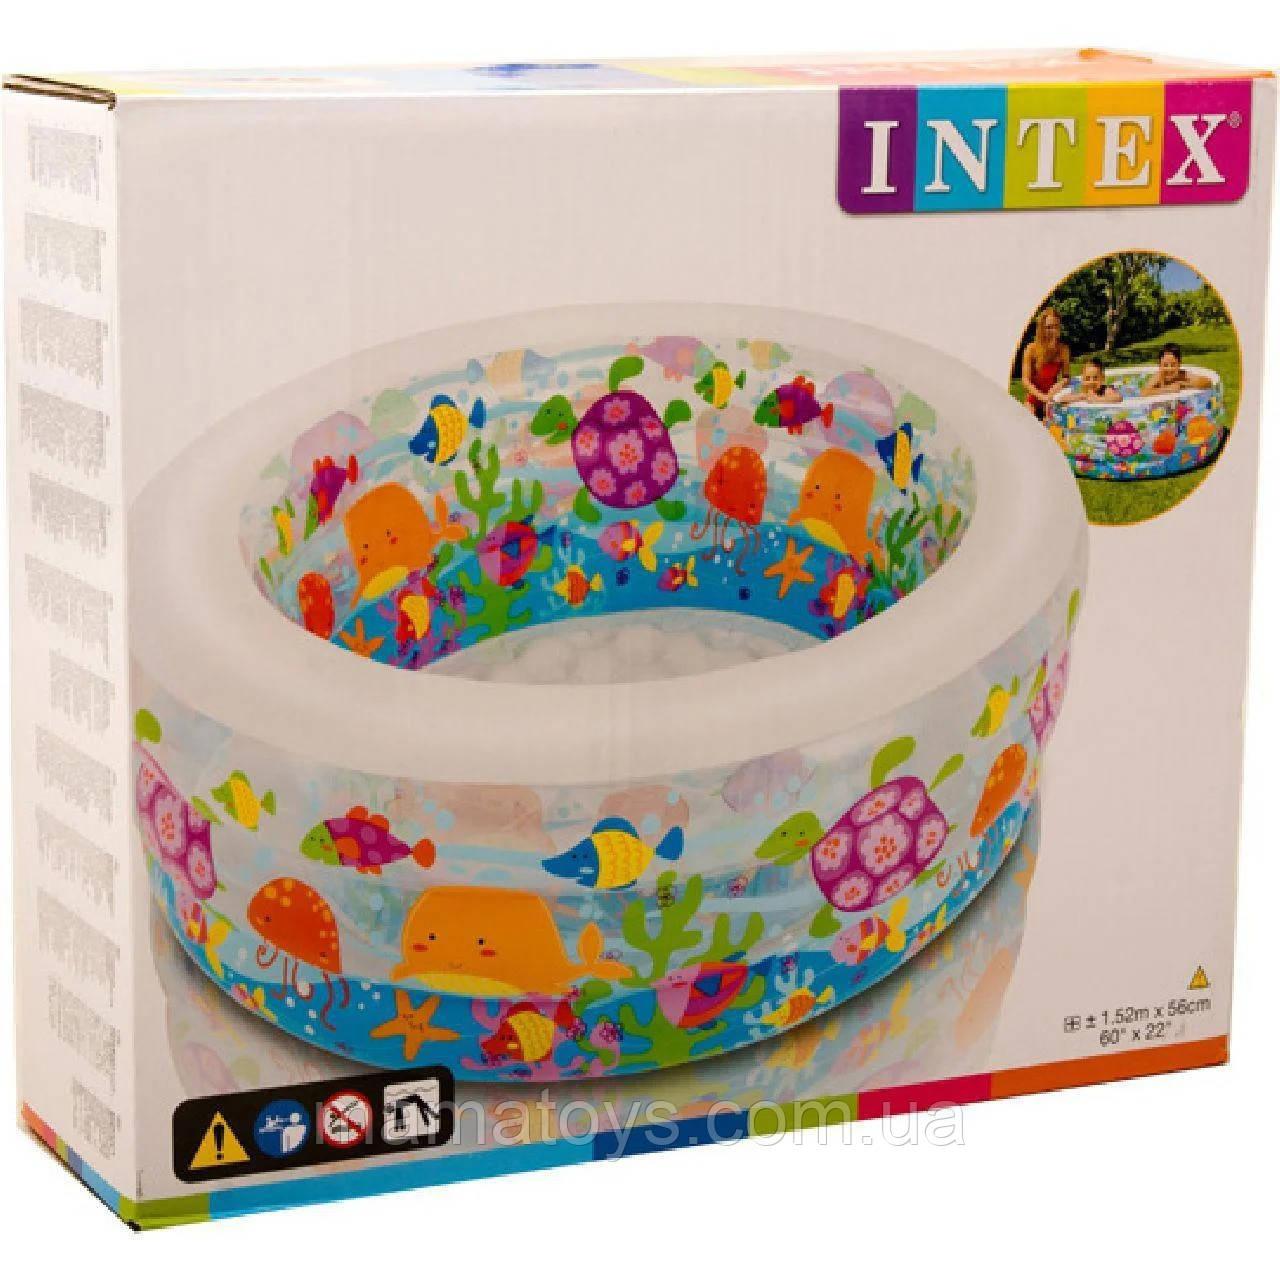 Детский надувной Бассейн 58480 Intex Аквариум Надувное дно Размер 152 - 56 см